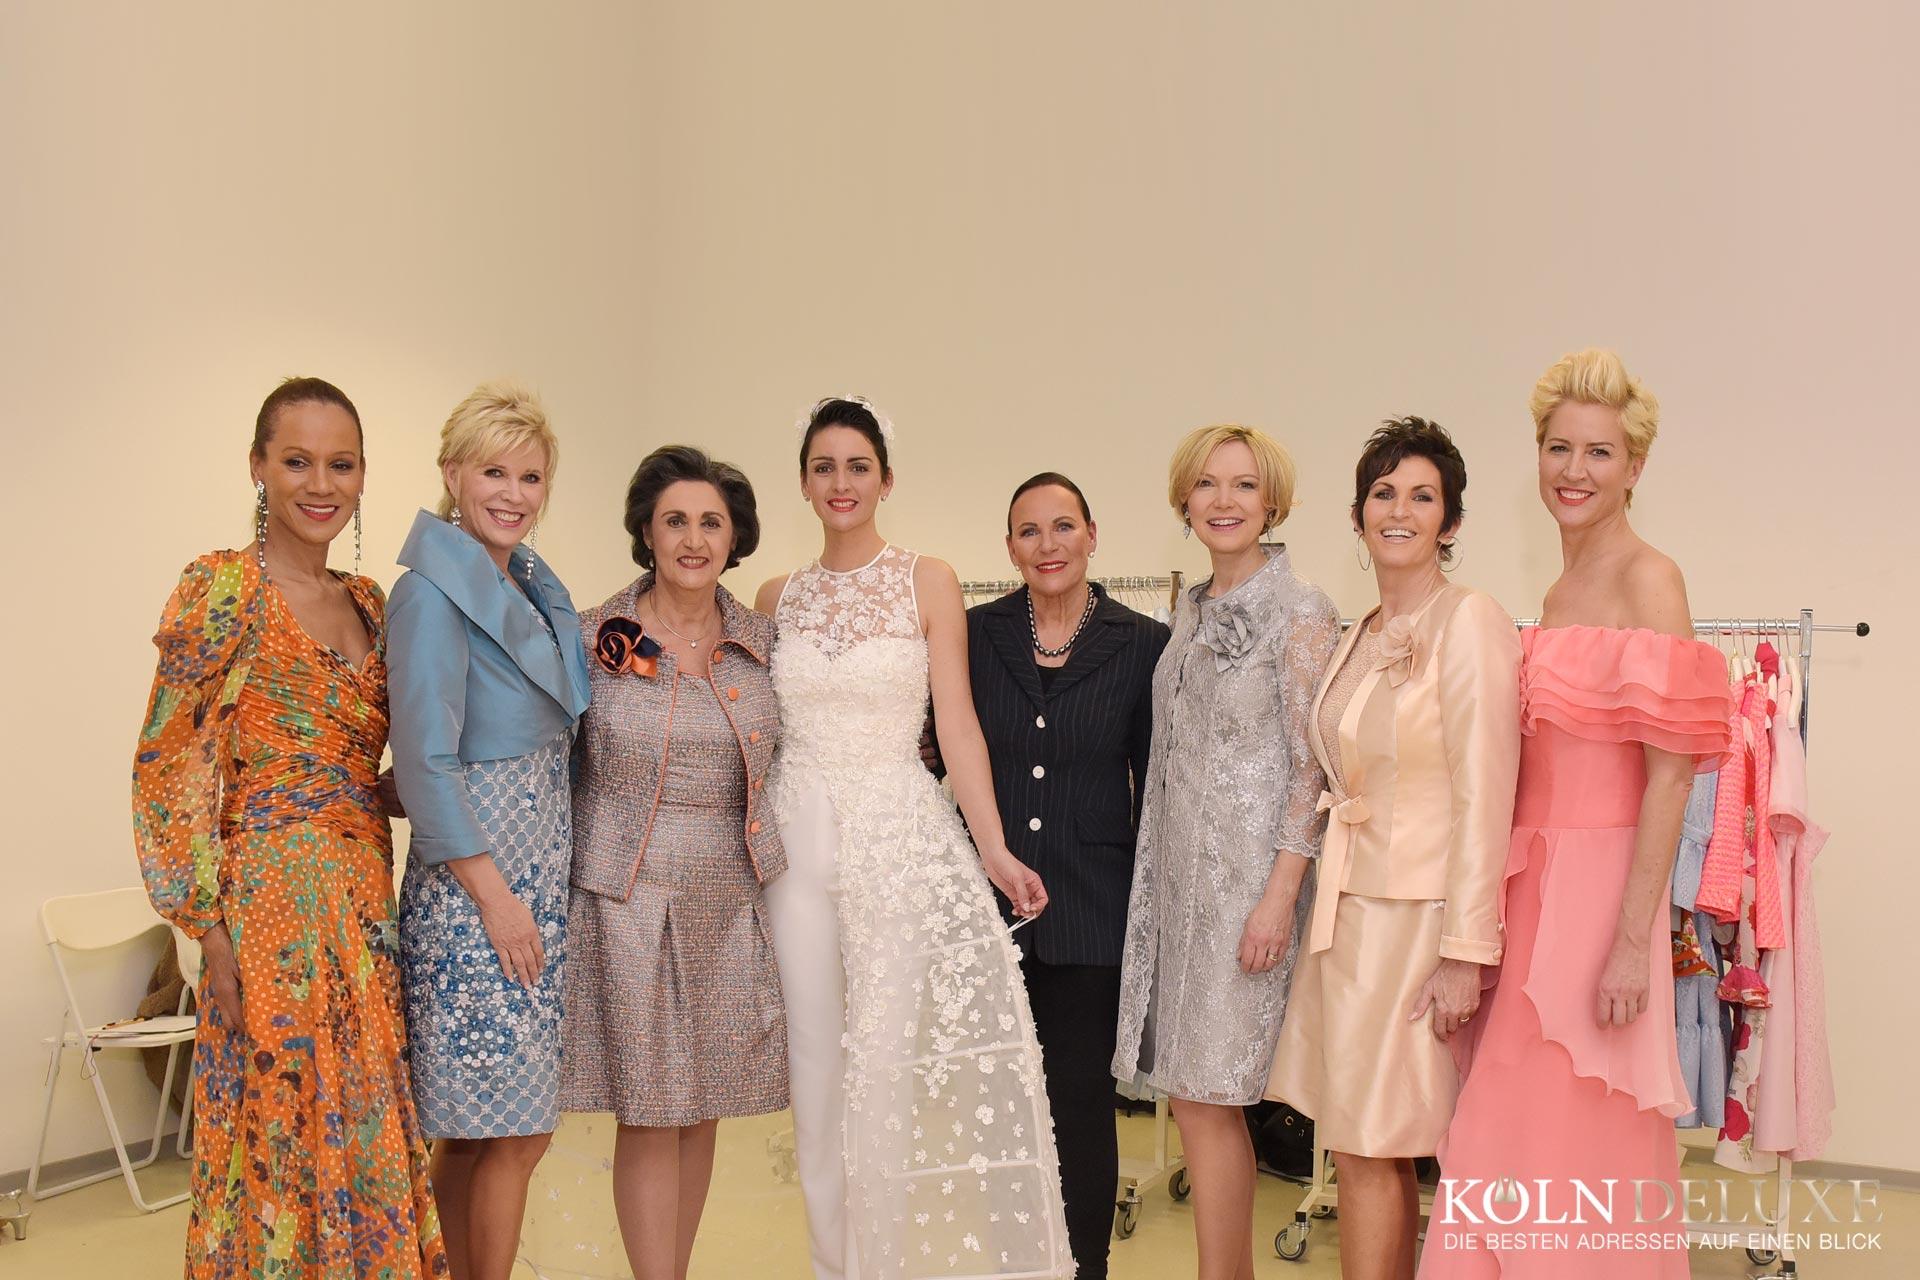 Mahi Degenring Couture – Zum 35. Firmenjubiläum verjüngt